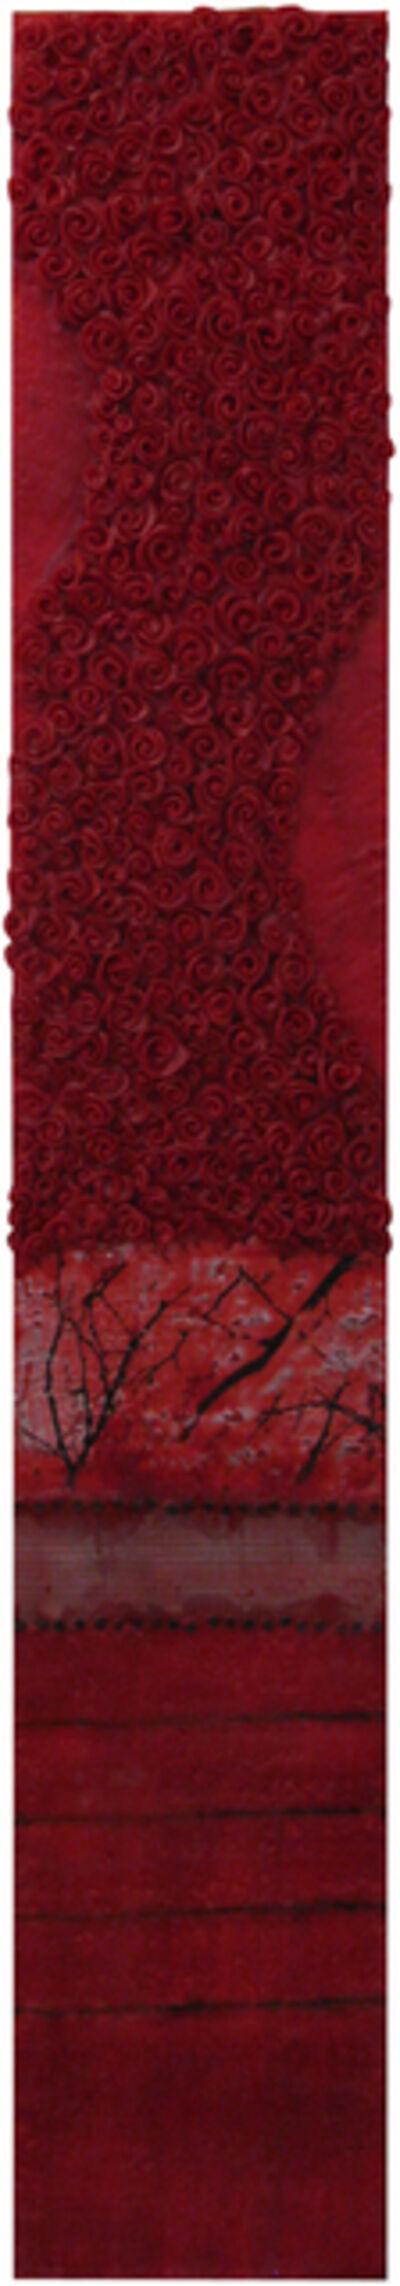 Tanya Kirouac, 'heart beat', 2010